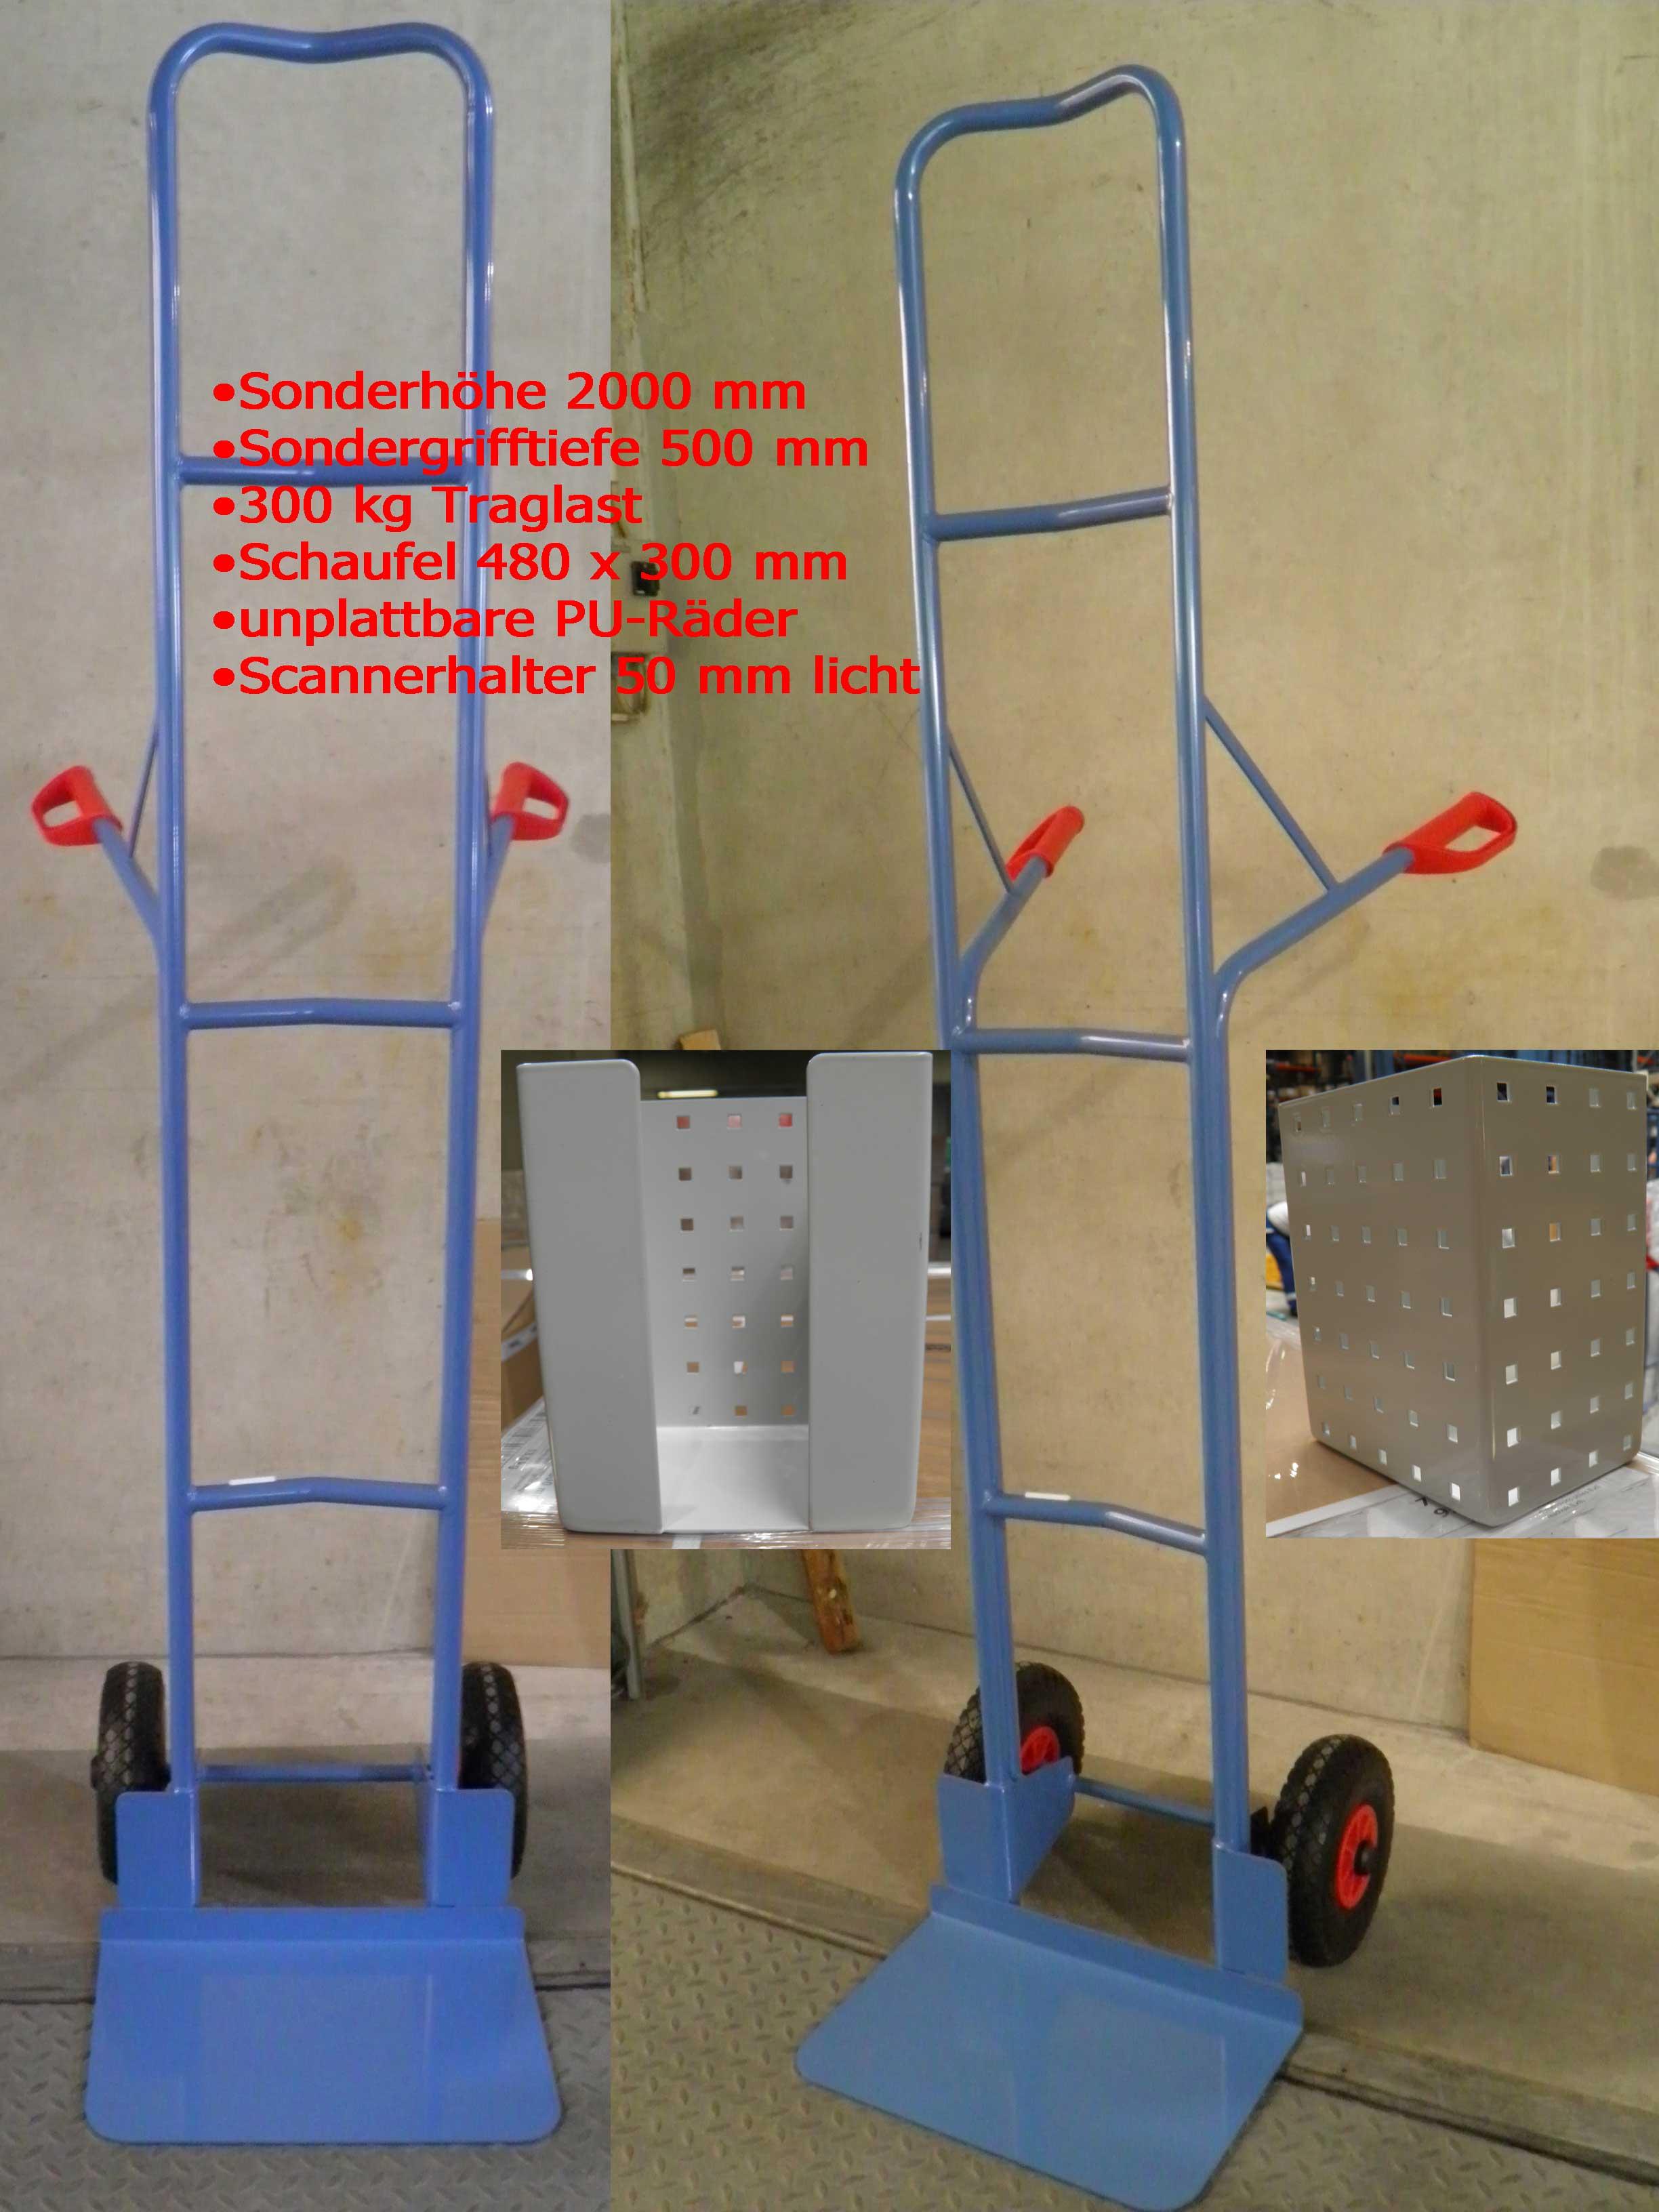 Sonder-Sackkarre mit 2000 mm Bauhöhe. 300 kg Traglast, breiterem Scannerhalter (50 mm licht), großer Schaufel 480 mm B x 300 mm T und größerer Grifftiefe 500 mm